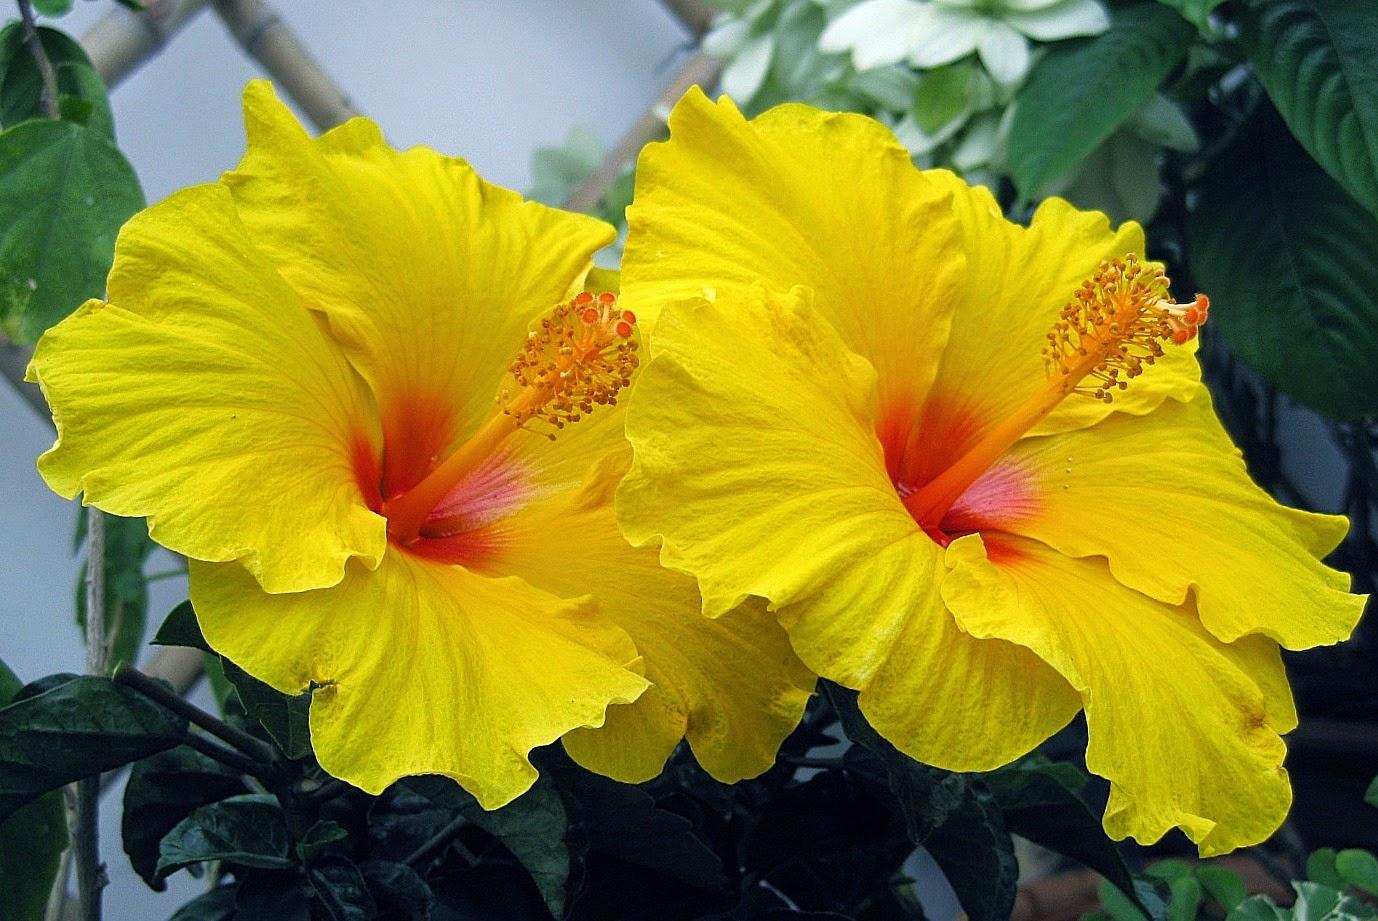 Hoa dâm bụt được lai tạo thành nhiều màu sắc lạ mắt